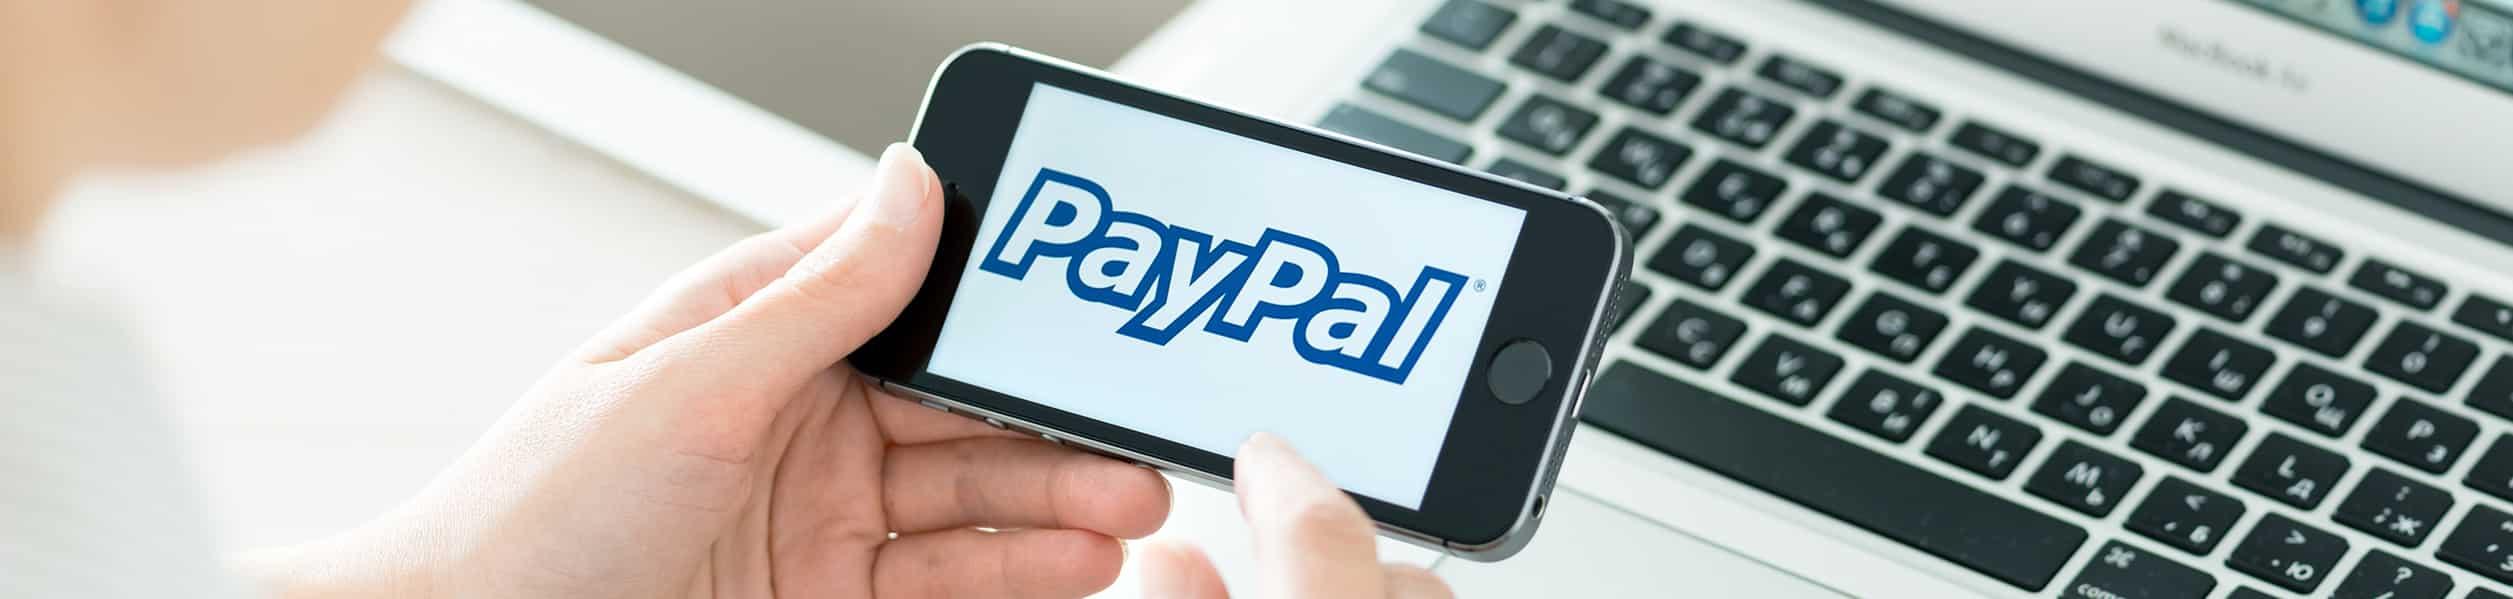 Virgin Mobile aceptará pagos por PayPal.